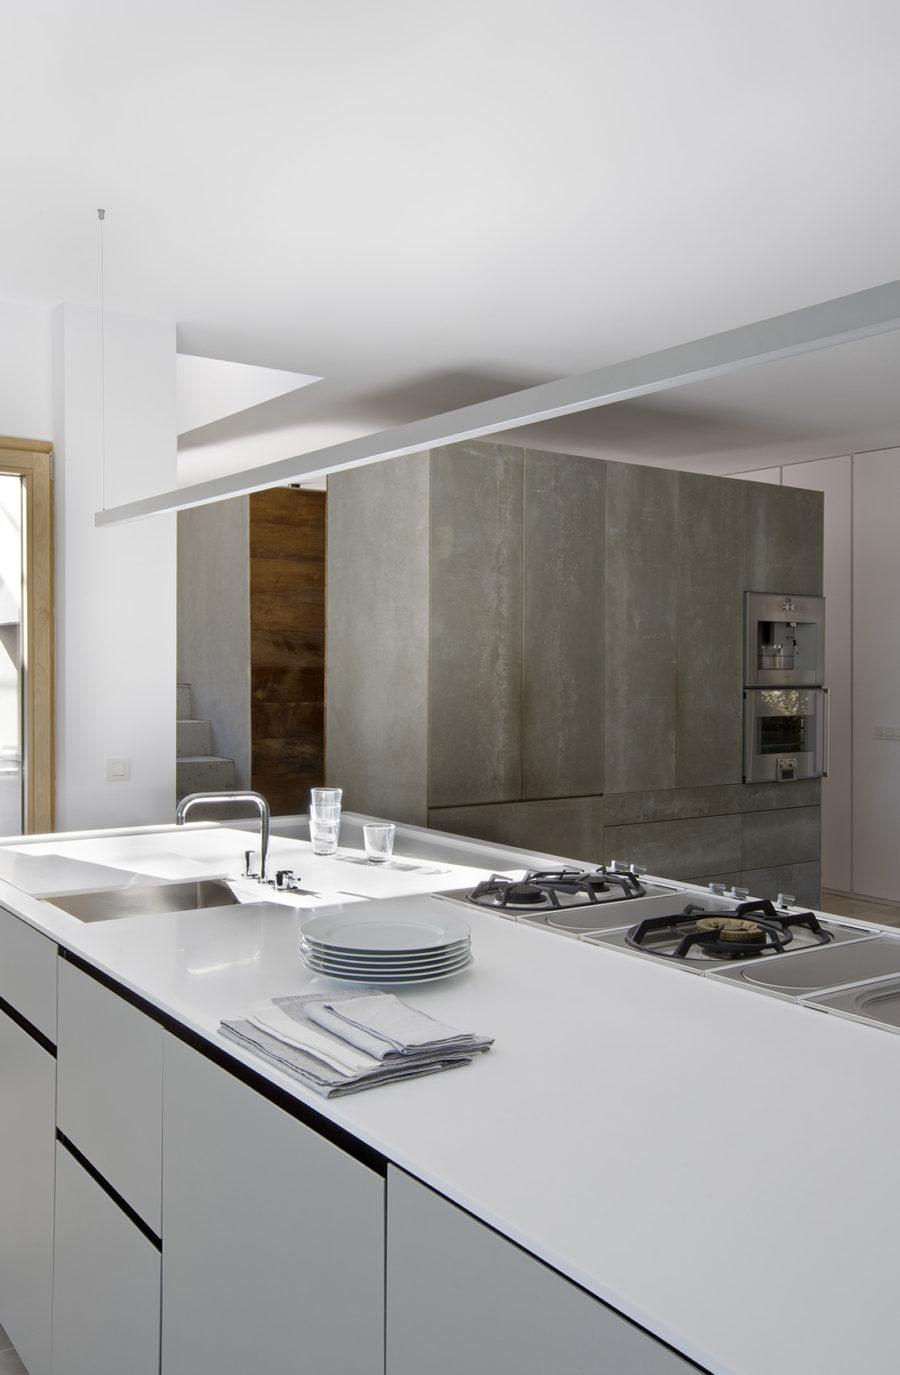 Detalle de la isla en la cocina del showroom de ÁBATON Arquitectura